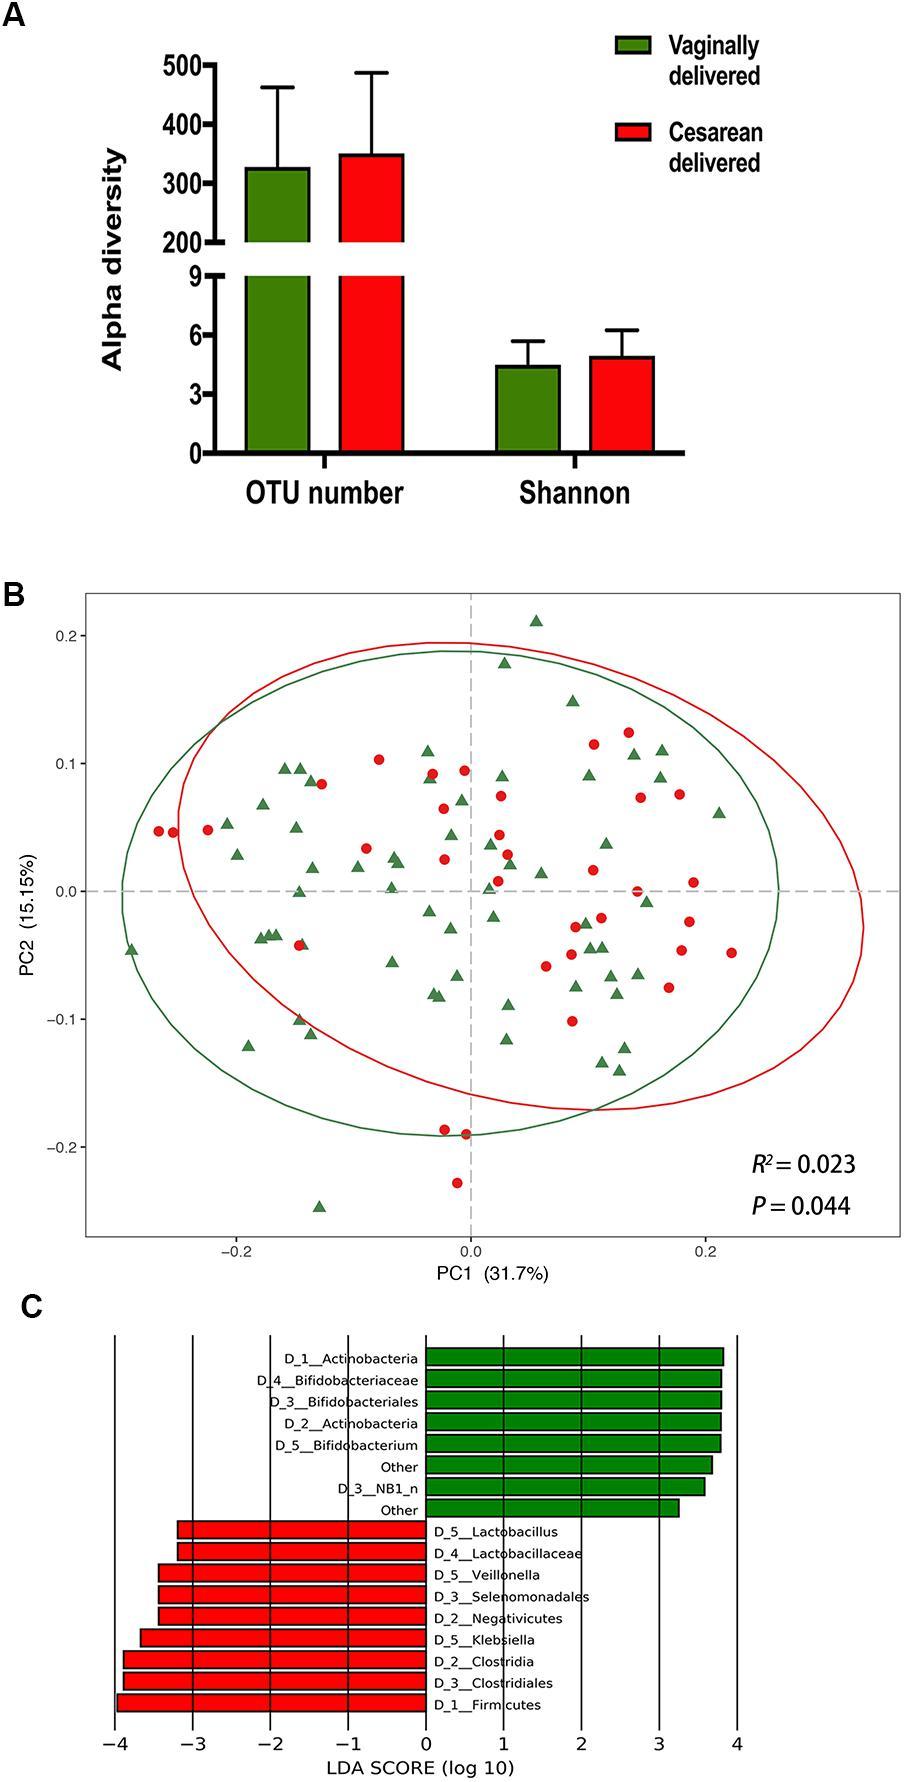 papillon zeugma agentia kusadasi human papillomavirus in esophageal cancer